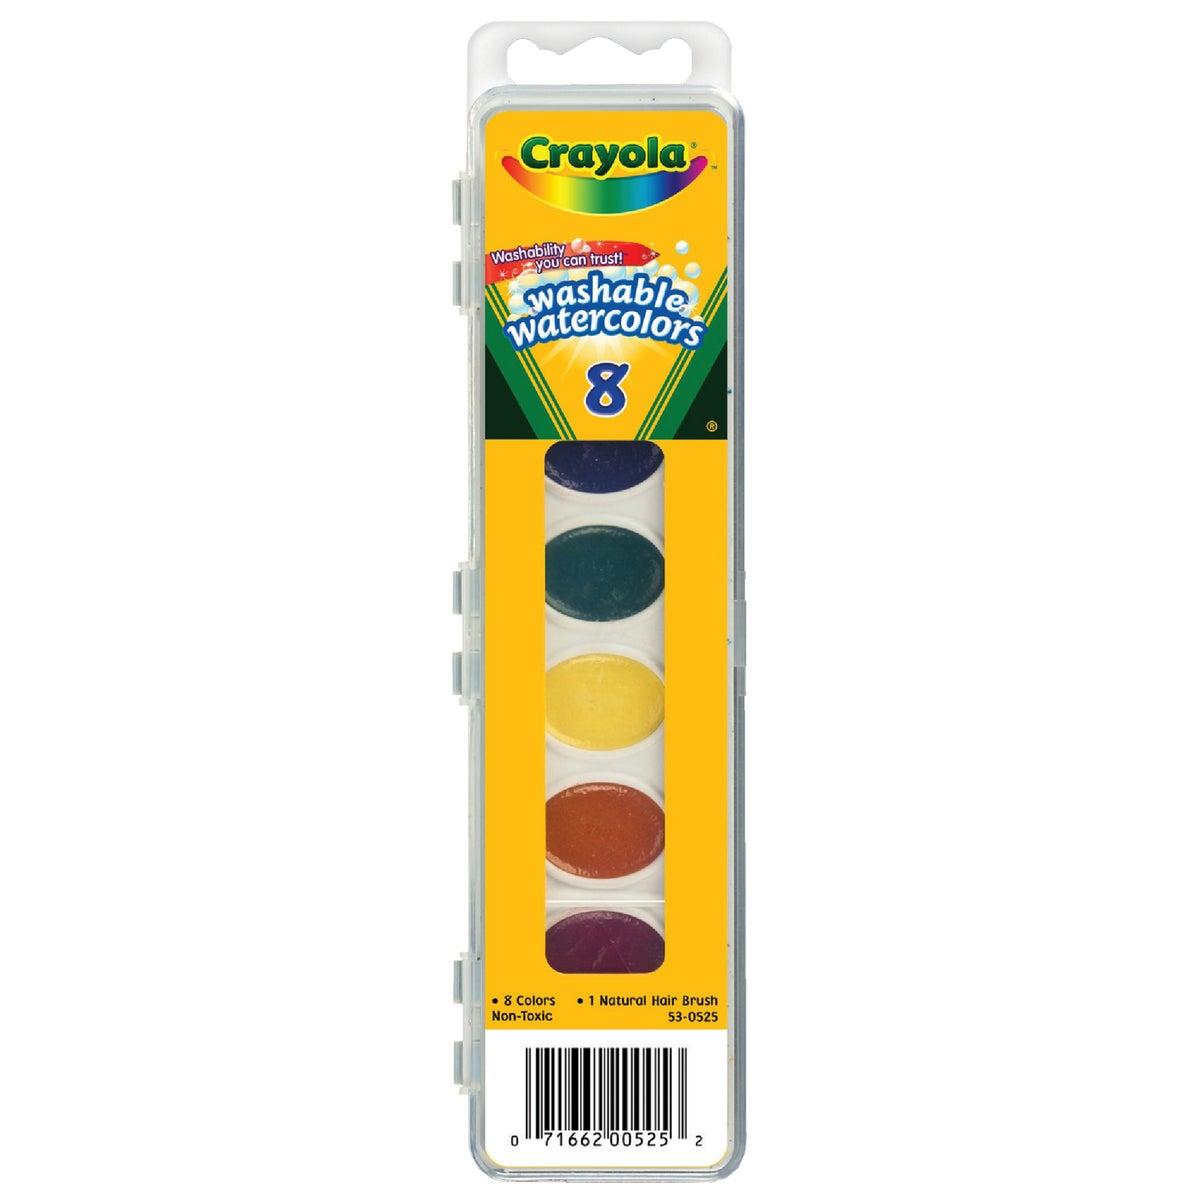 Crayola L L C 8CT WATERCOLORS 53-0525